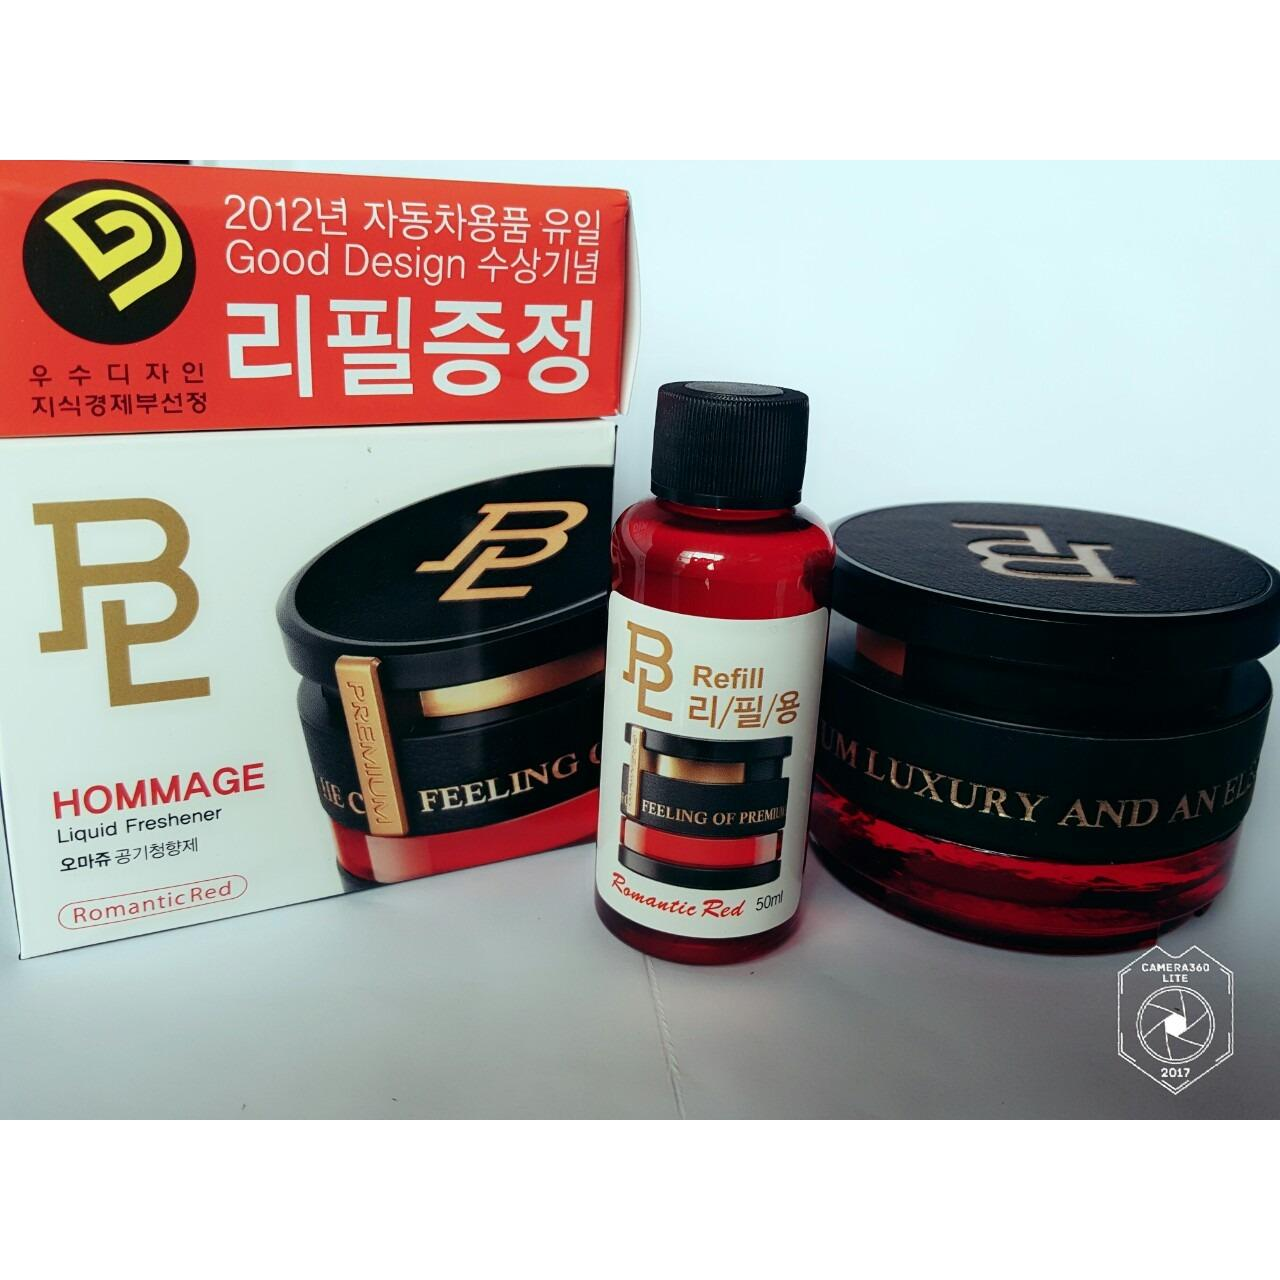 Cửa Hàng Nước Hoa Black Label Hommage Romantic Red Han Quốc Bl Đỏ Rẻ Nhất